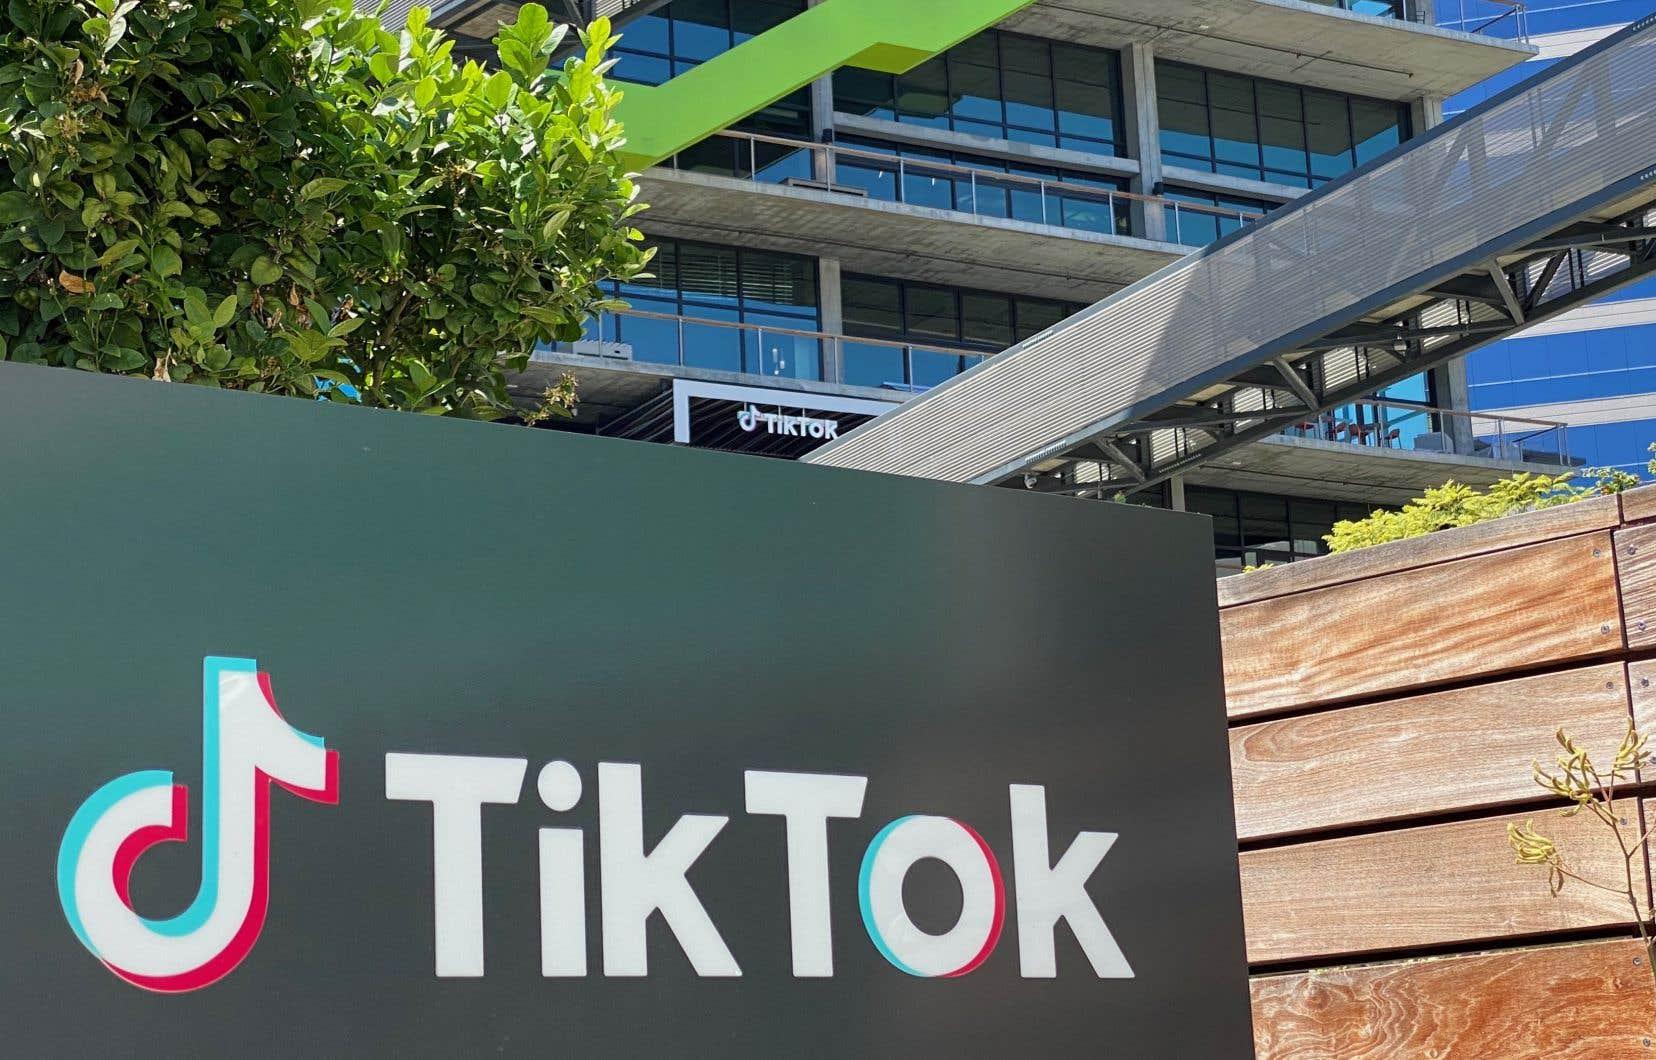 Le 18septembre, TikTok a déposé un recours en urgence contre la décision du département du Commerce de bannir le réseau social des magasins d'applis.